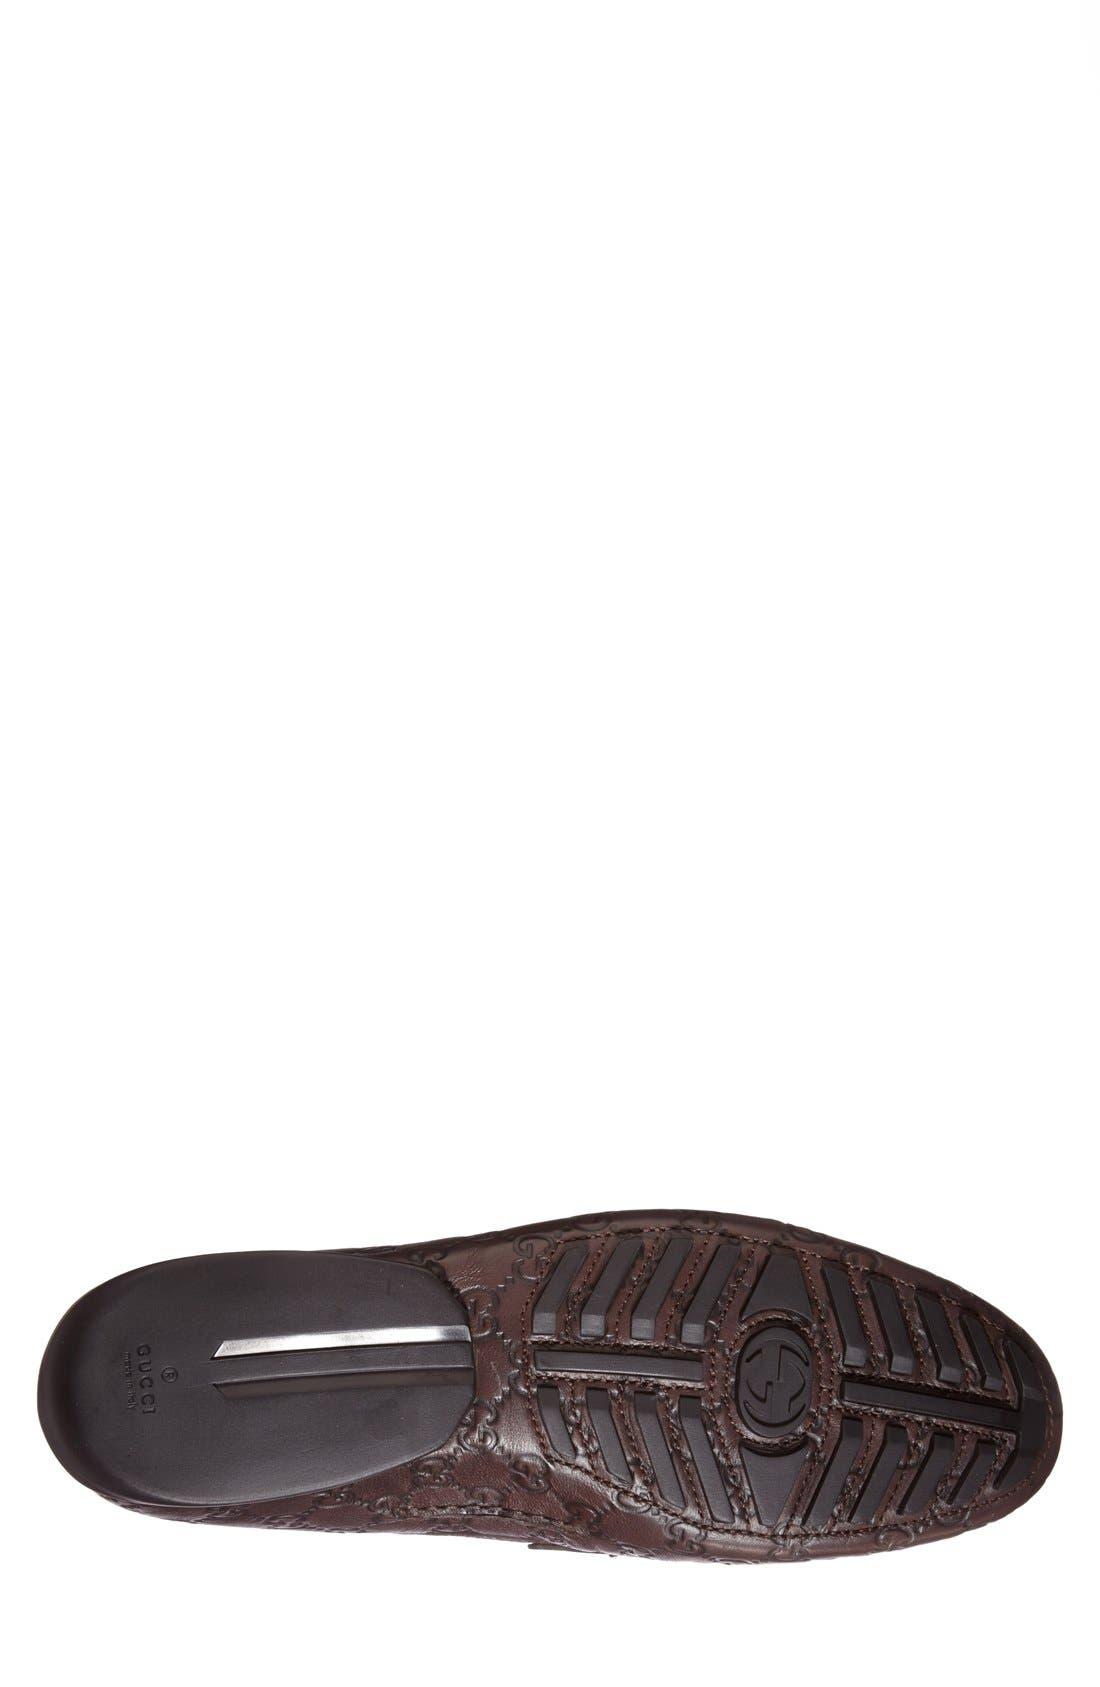 San Marino Driving Shoe,                             Alternate thumbnail 4, color,                             201